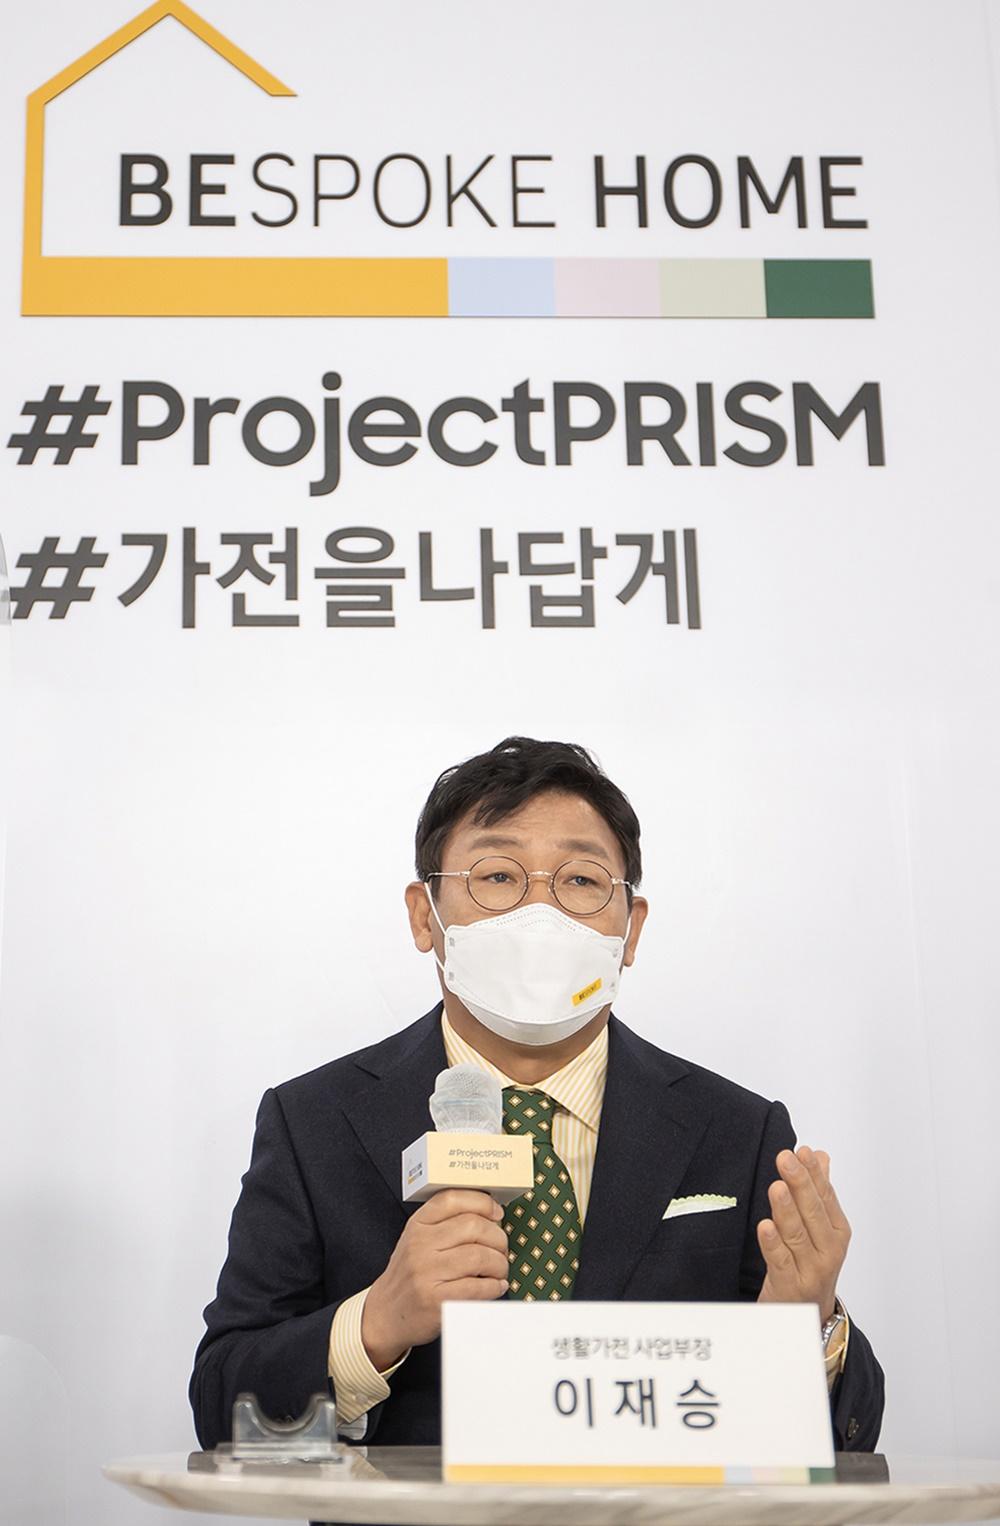 삼성전자 생활가전사업부장 이재승 사장이 '비스포크 홈 미디어데이' 온라인 행사에서 질의응답을 하고 있다.